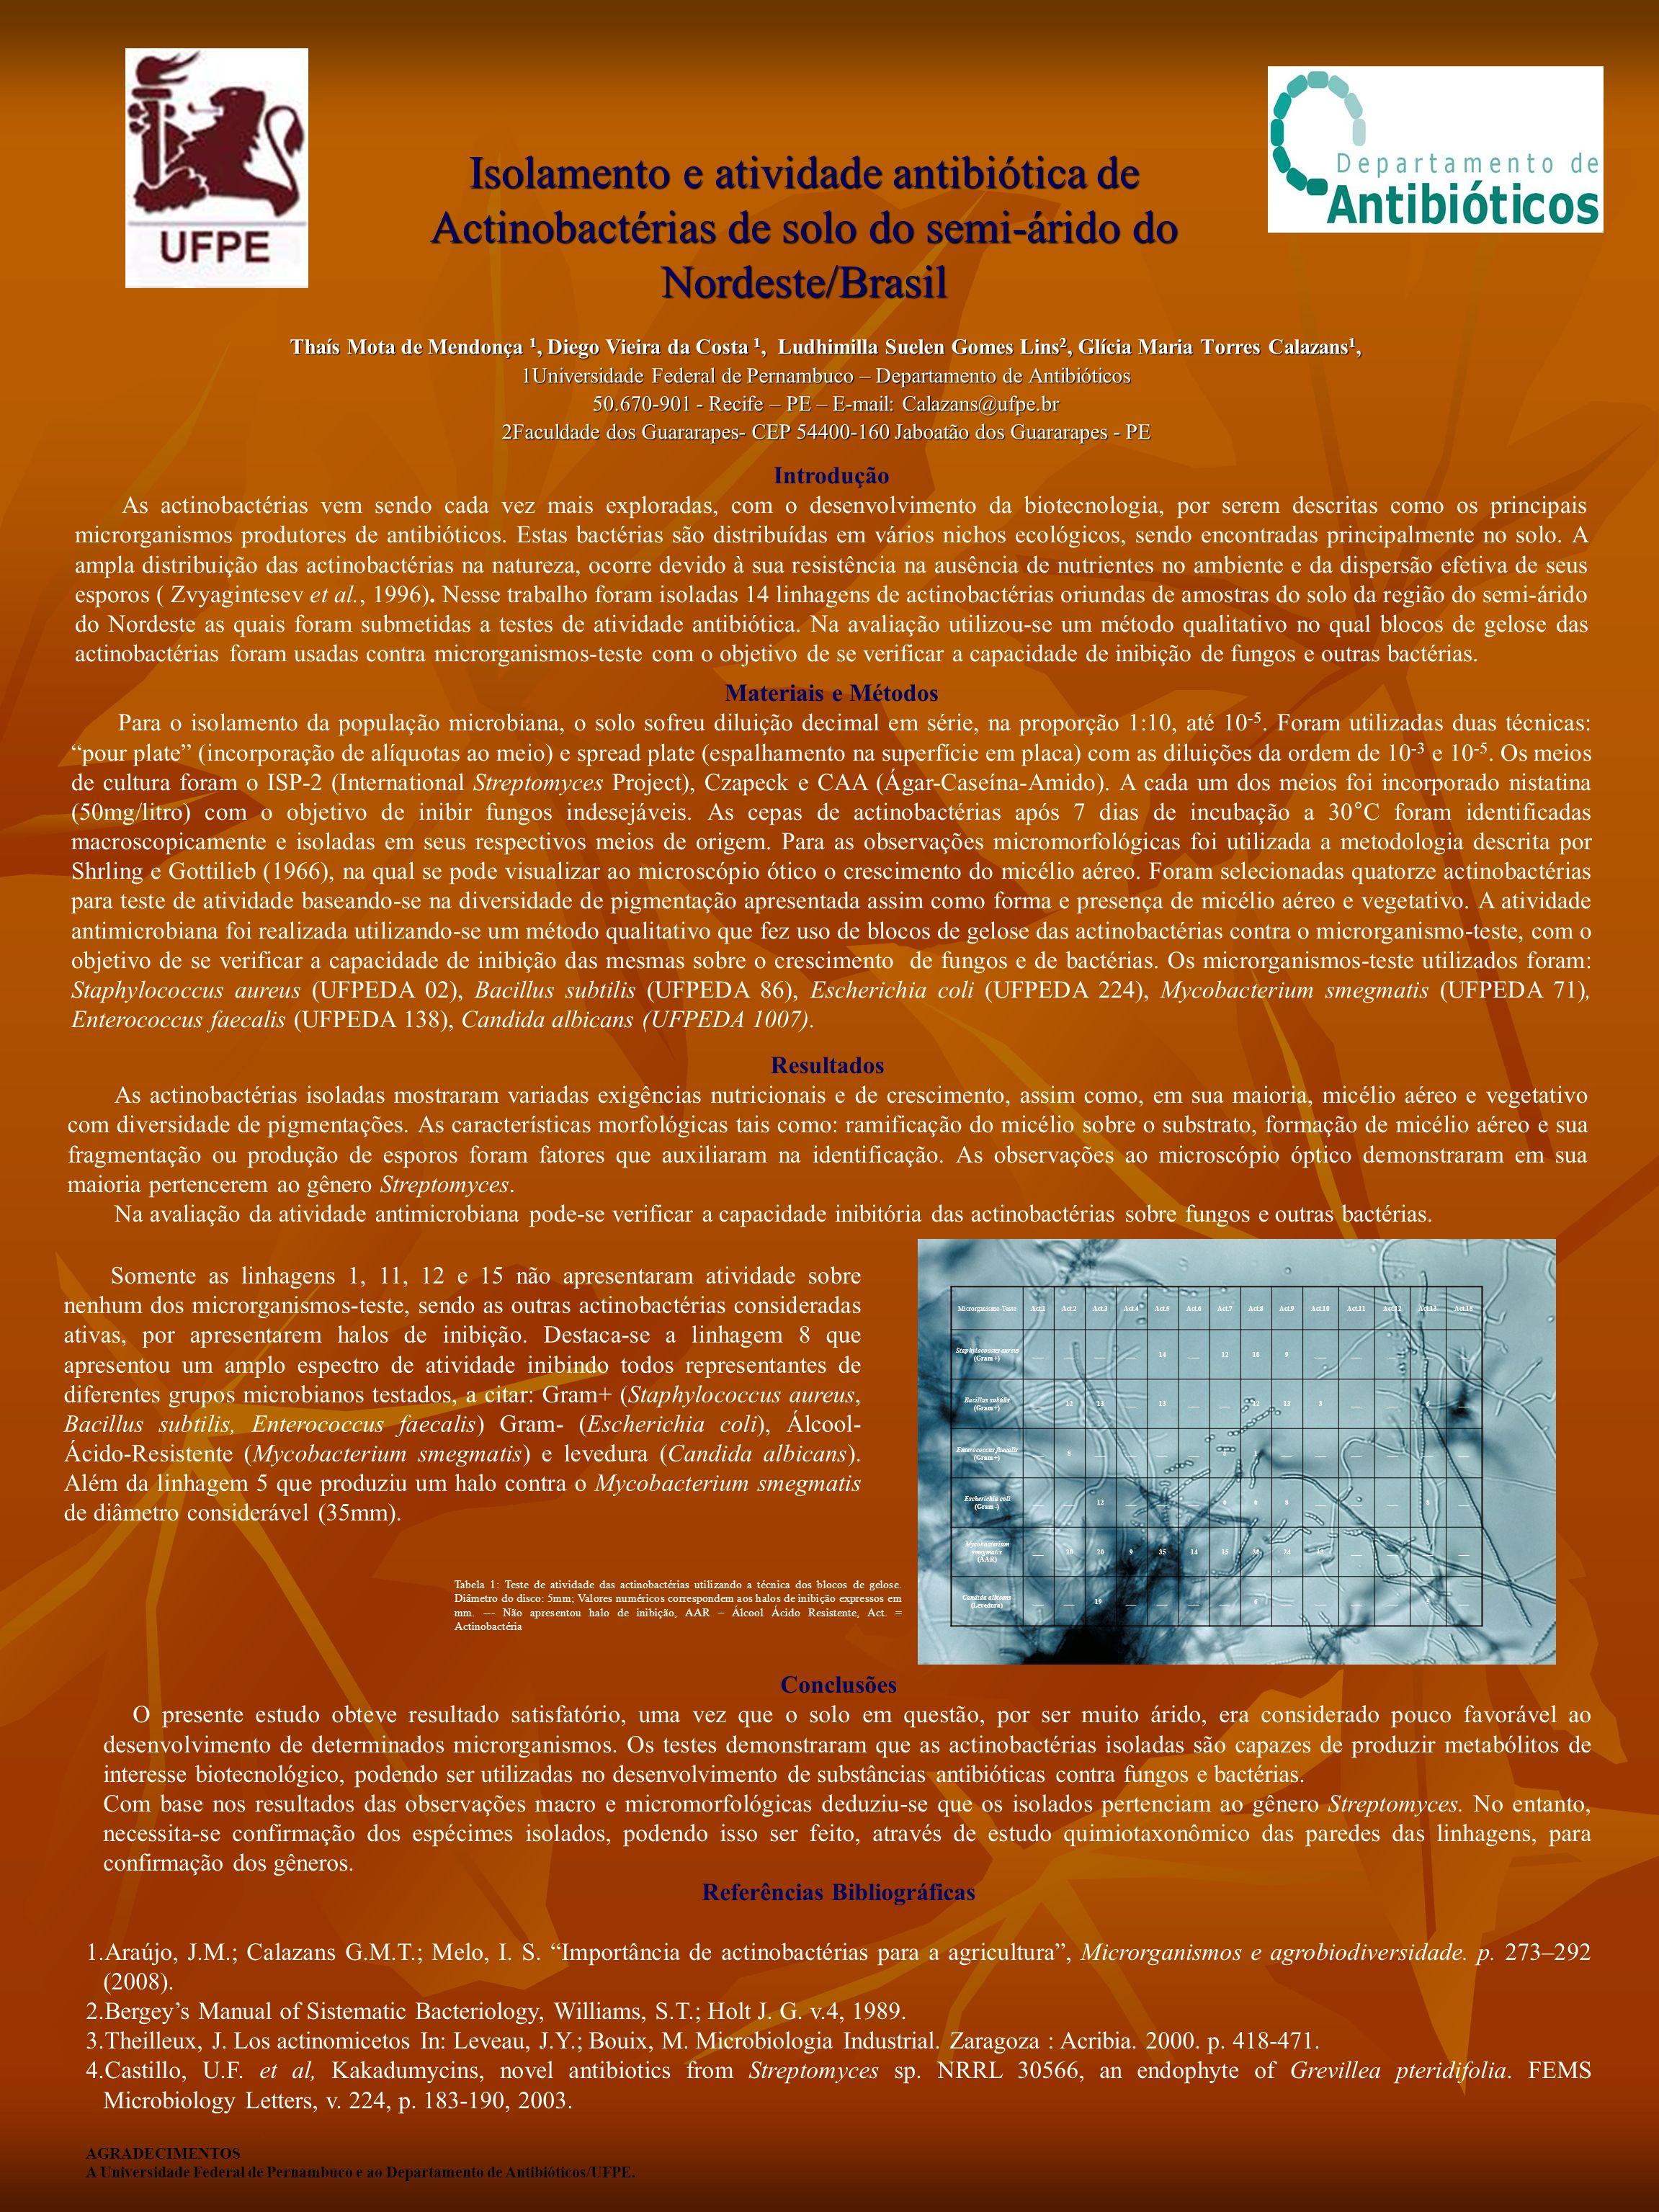 Isolamento e atividade antibiótica de Actinobactérias de solo do semi-árido do Nordeste/Brasil Thaís Mota de Mendonça 1, Diego Vieira da Costa 1, Ludh